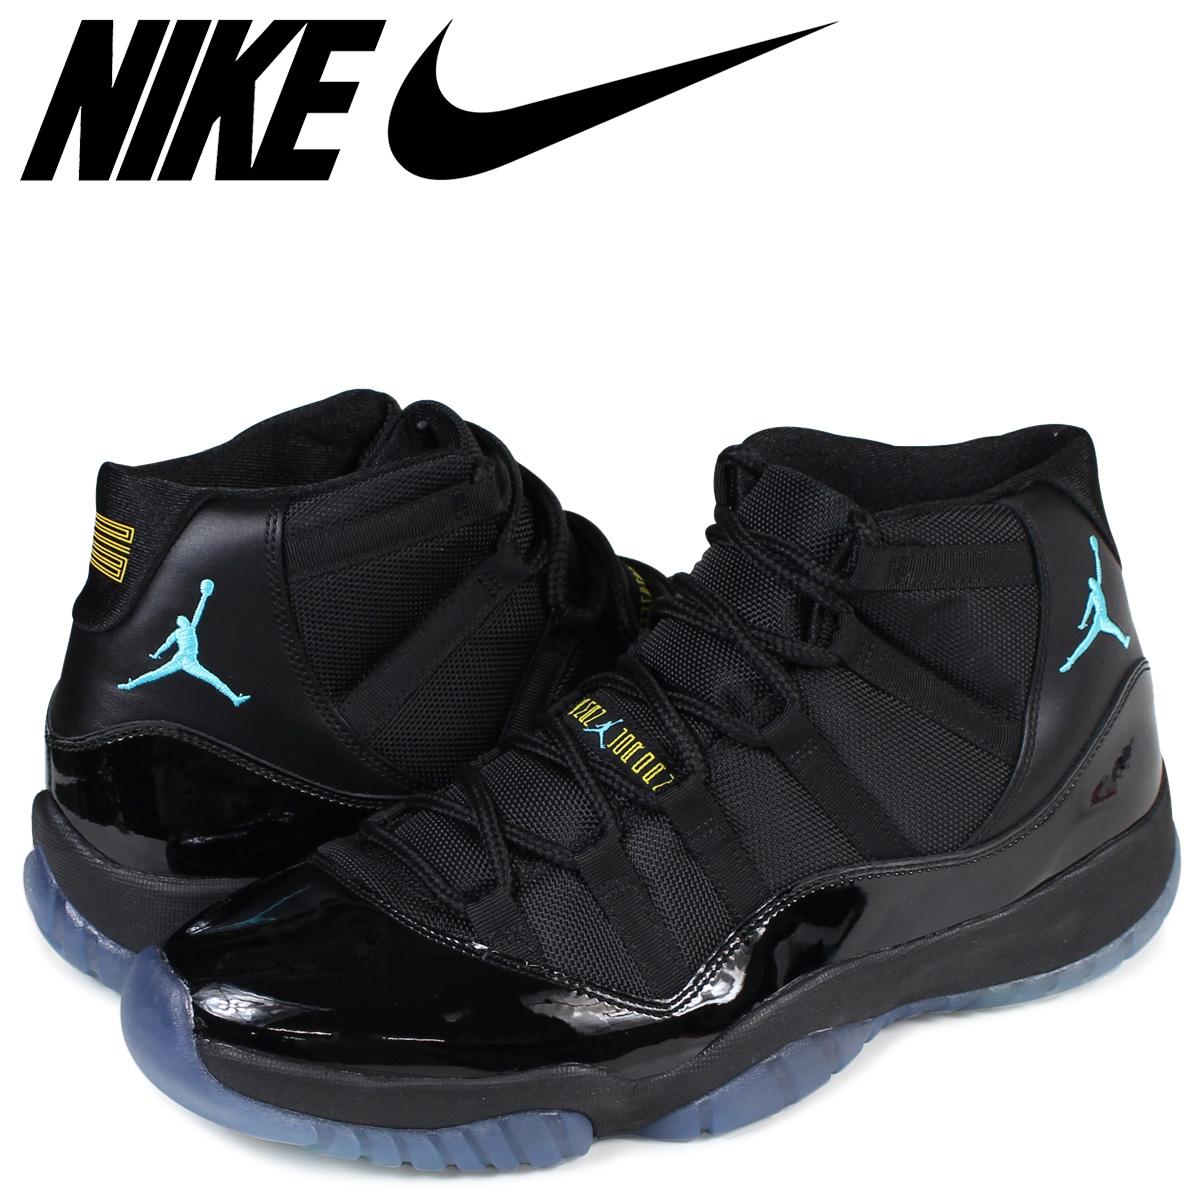 designer fashion be08e 9222e NIKE Nike Air Jordan 11 nostalgic sneakers AIR JORDAN 11 RETRO 378,037-006  men's black black